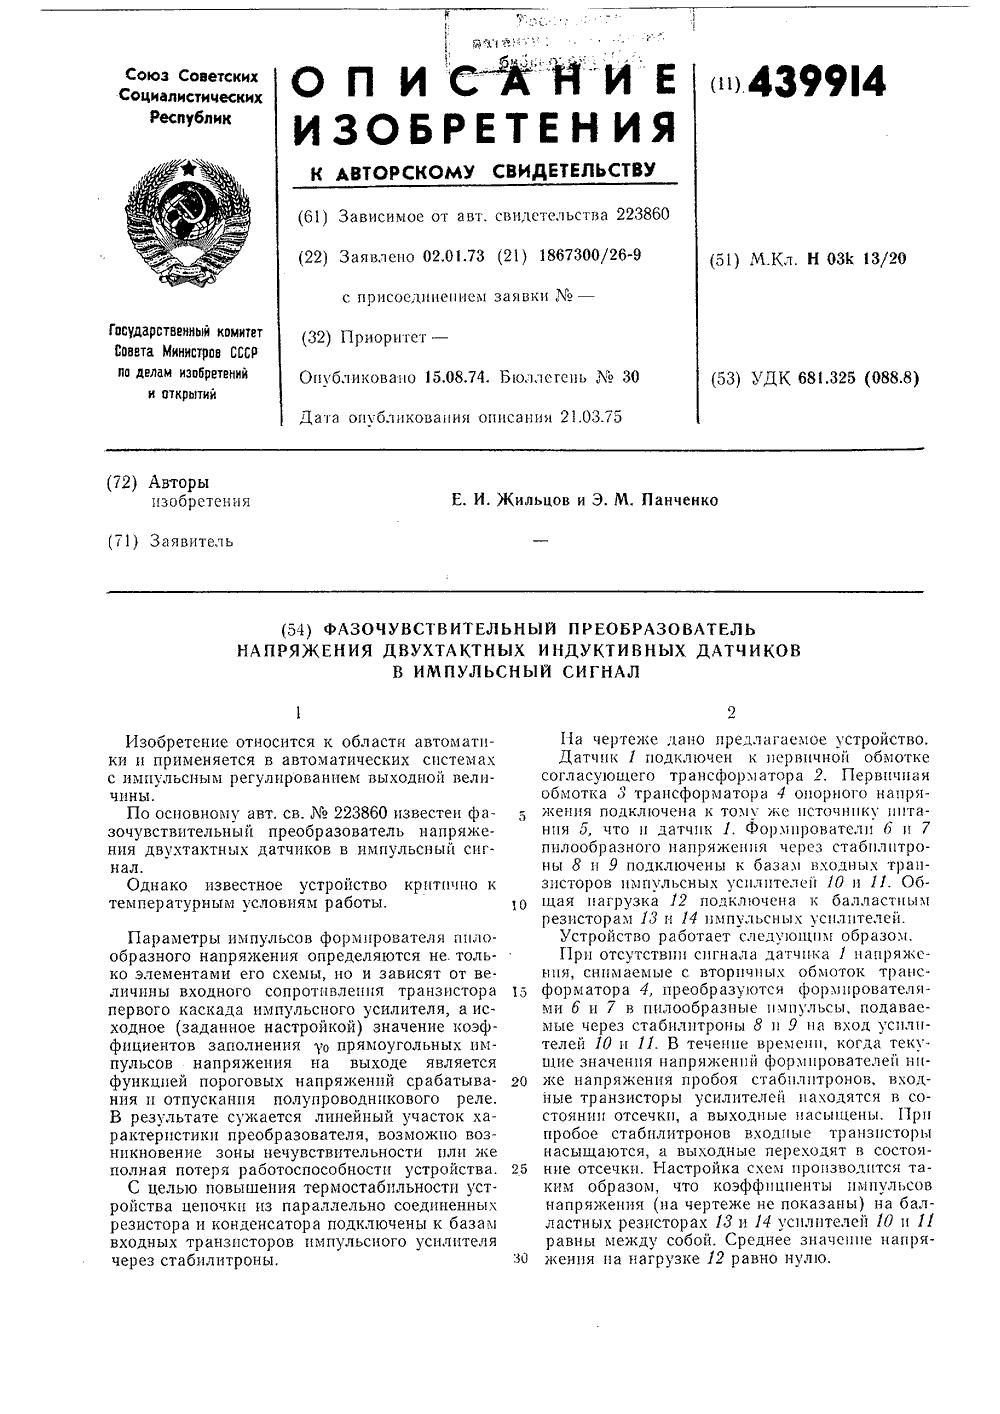 схема искатель повреждений типа ип-7